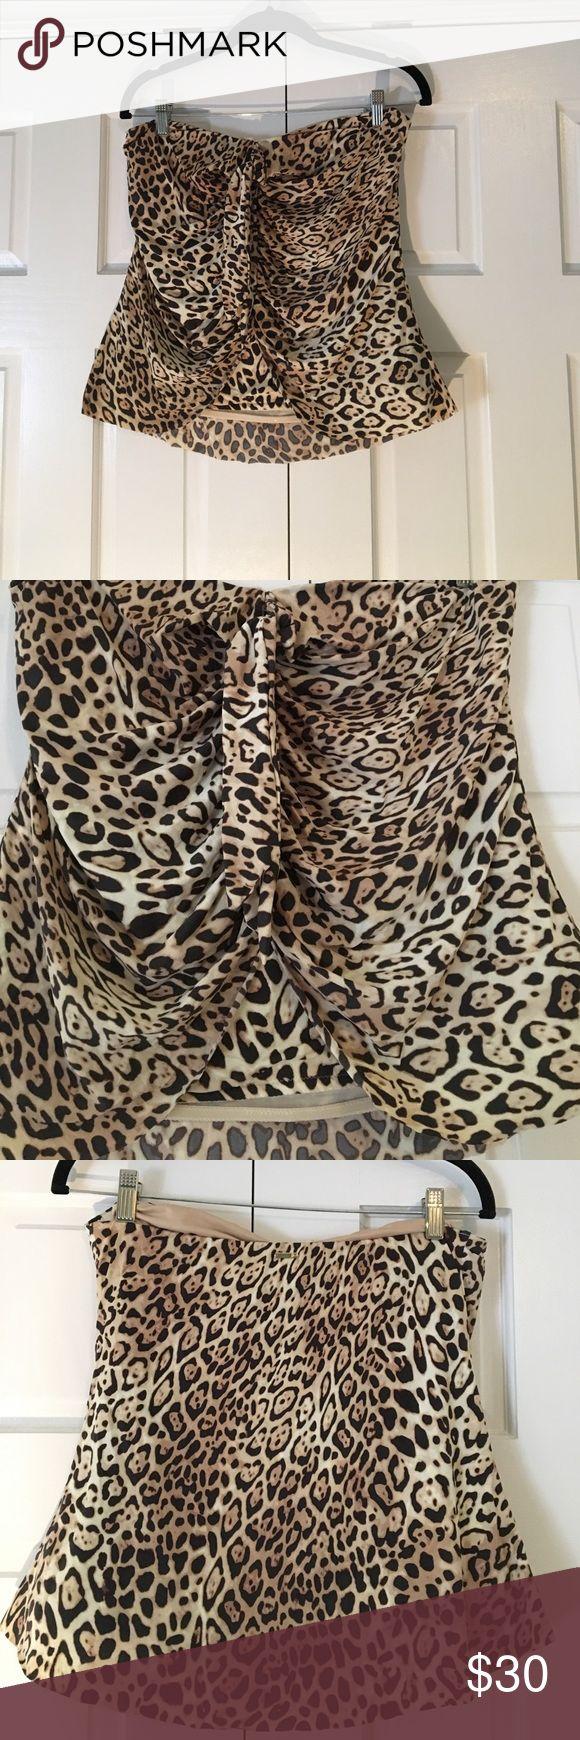 Victoria's Secret slimming tankini top size large Slimming tankini top from Victoria's Secret. Cheetah print. Size large. Victoria's Secret Swim Bikinis